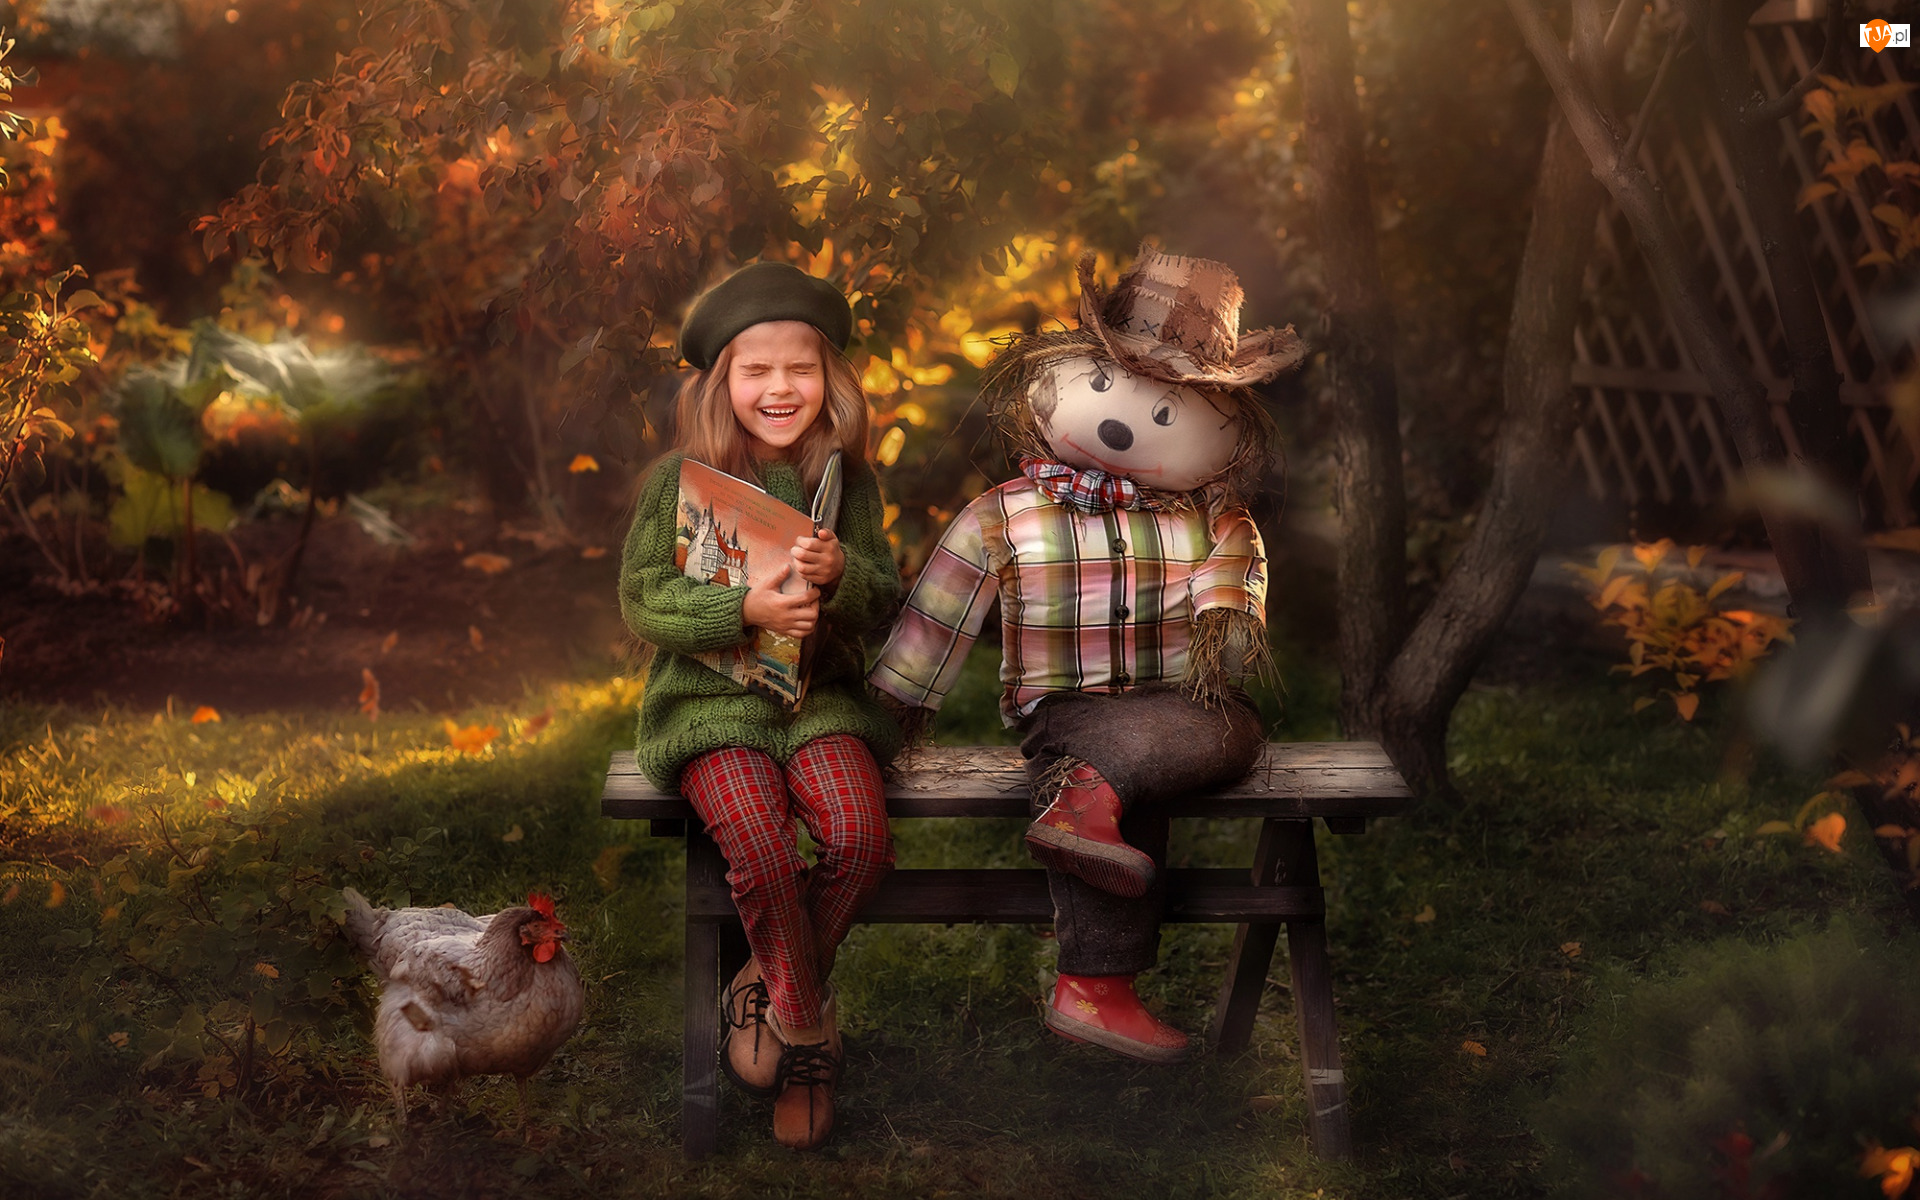 Liście, Lalka, Ławka, Szmaciana, Radość, Jesień, Kura, Śmiech, Dziewczynka, Drzewa